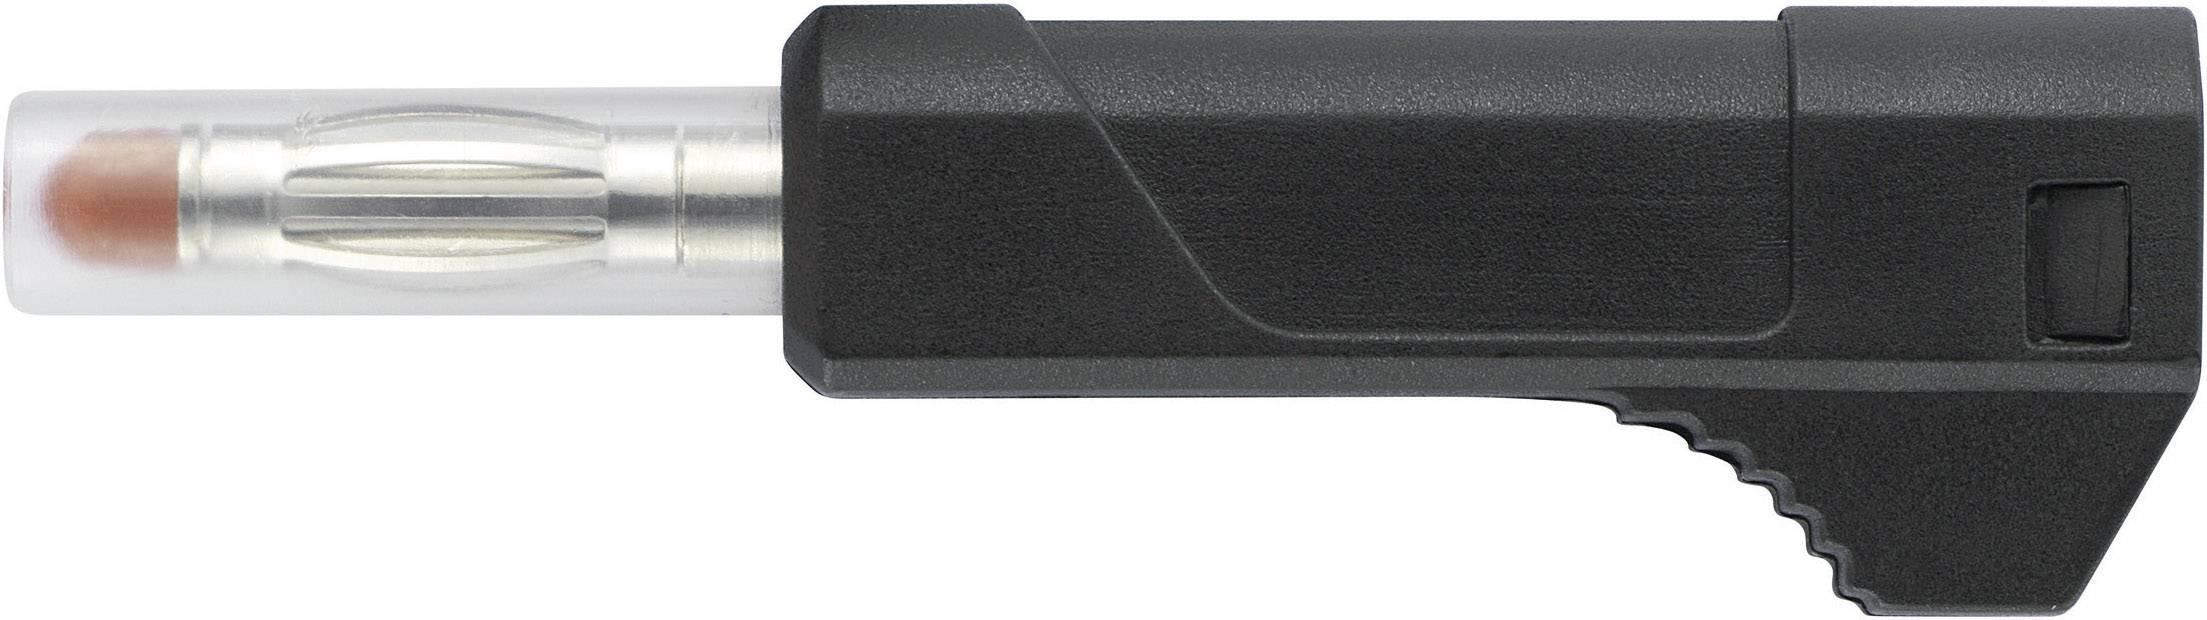 Mini lamelová zástrčka SCI R8-103 BL – zástrčka, rovná, Ø hrotu: 4 mm, modrá, 1 ks